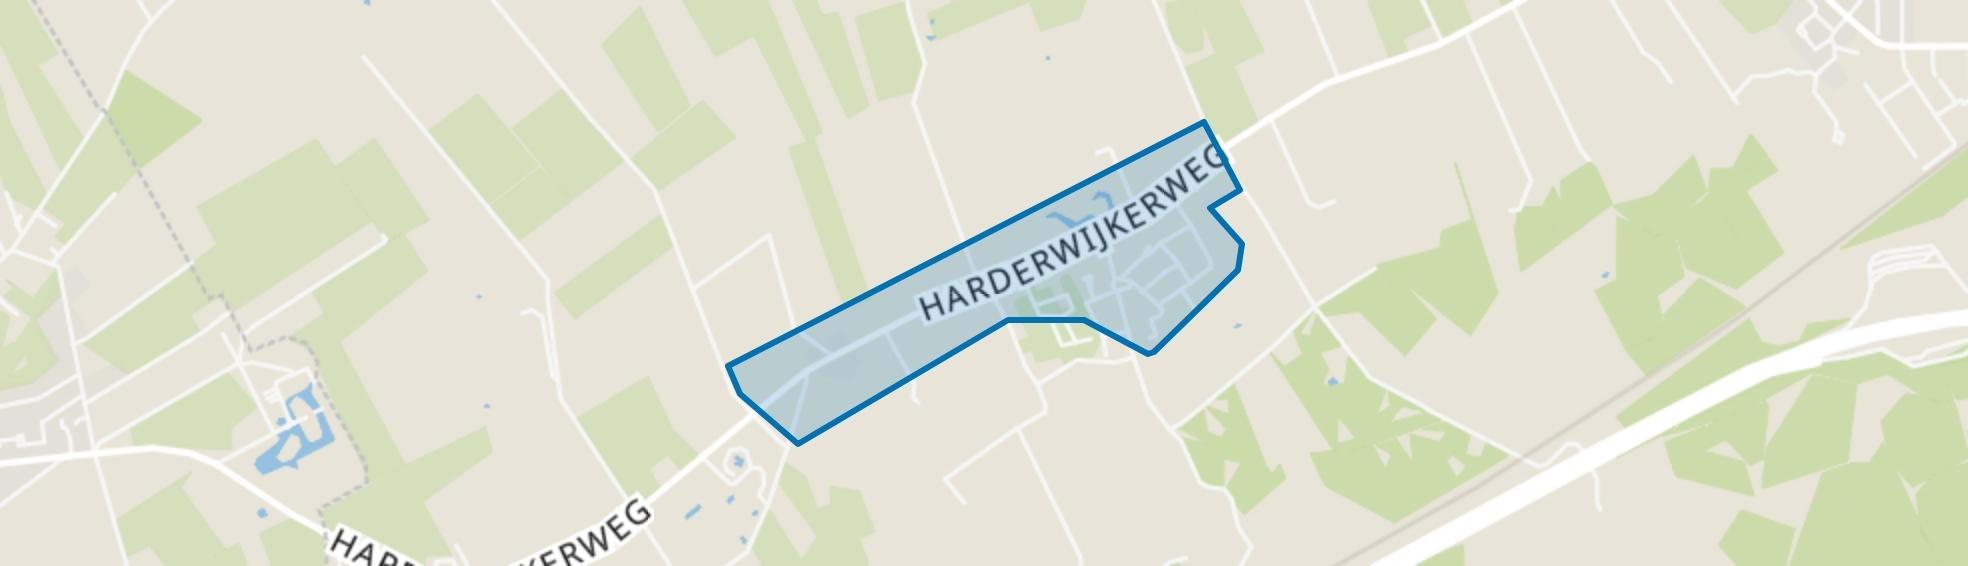 Hulshorst, Hulshorst map